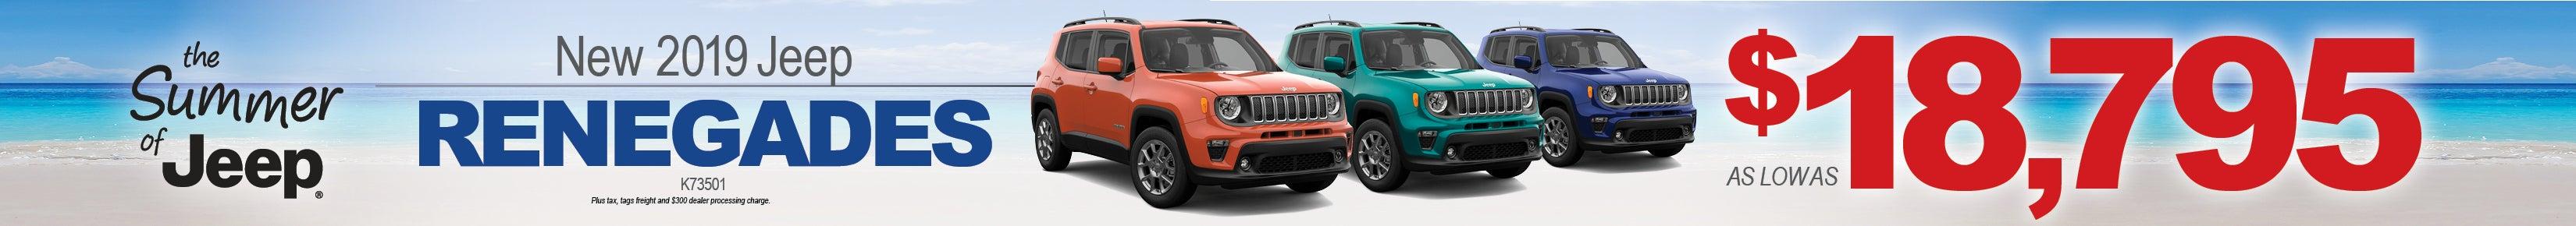 Car Dealership | Jeep Dealer in Waldorf, MD | DARCARS